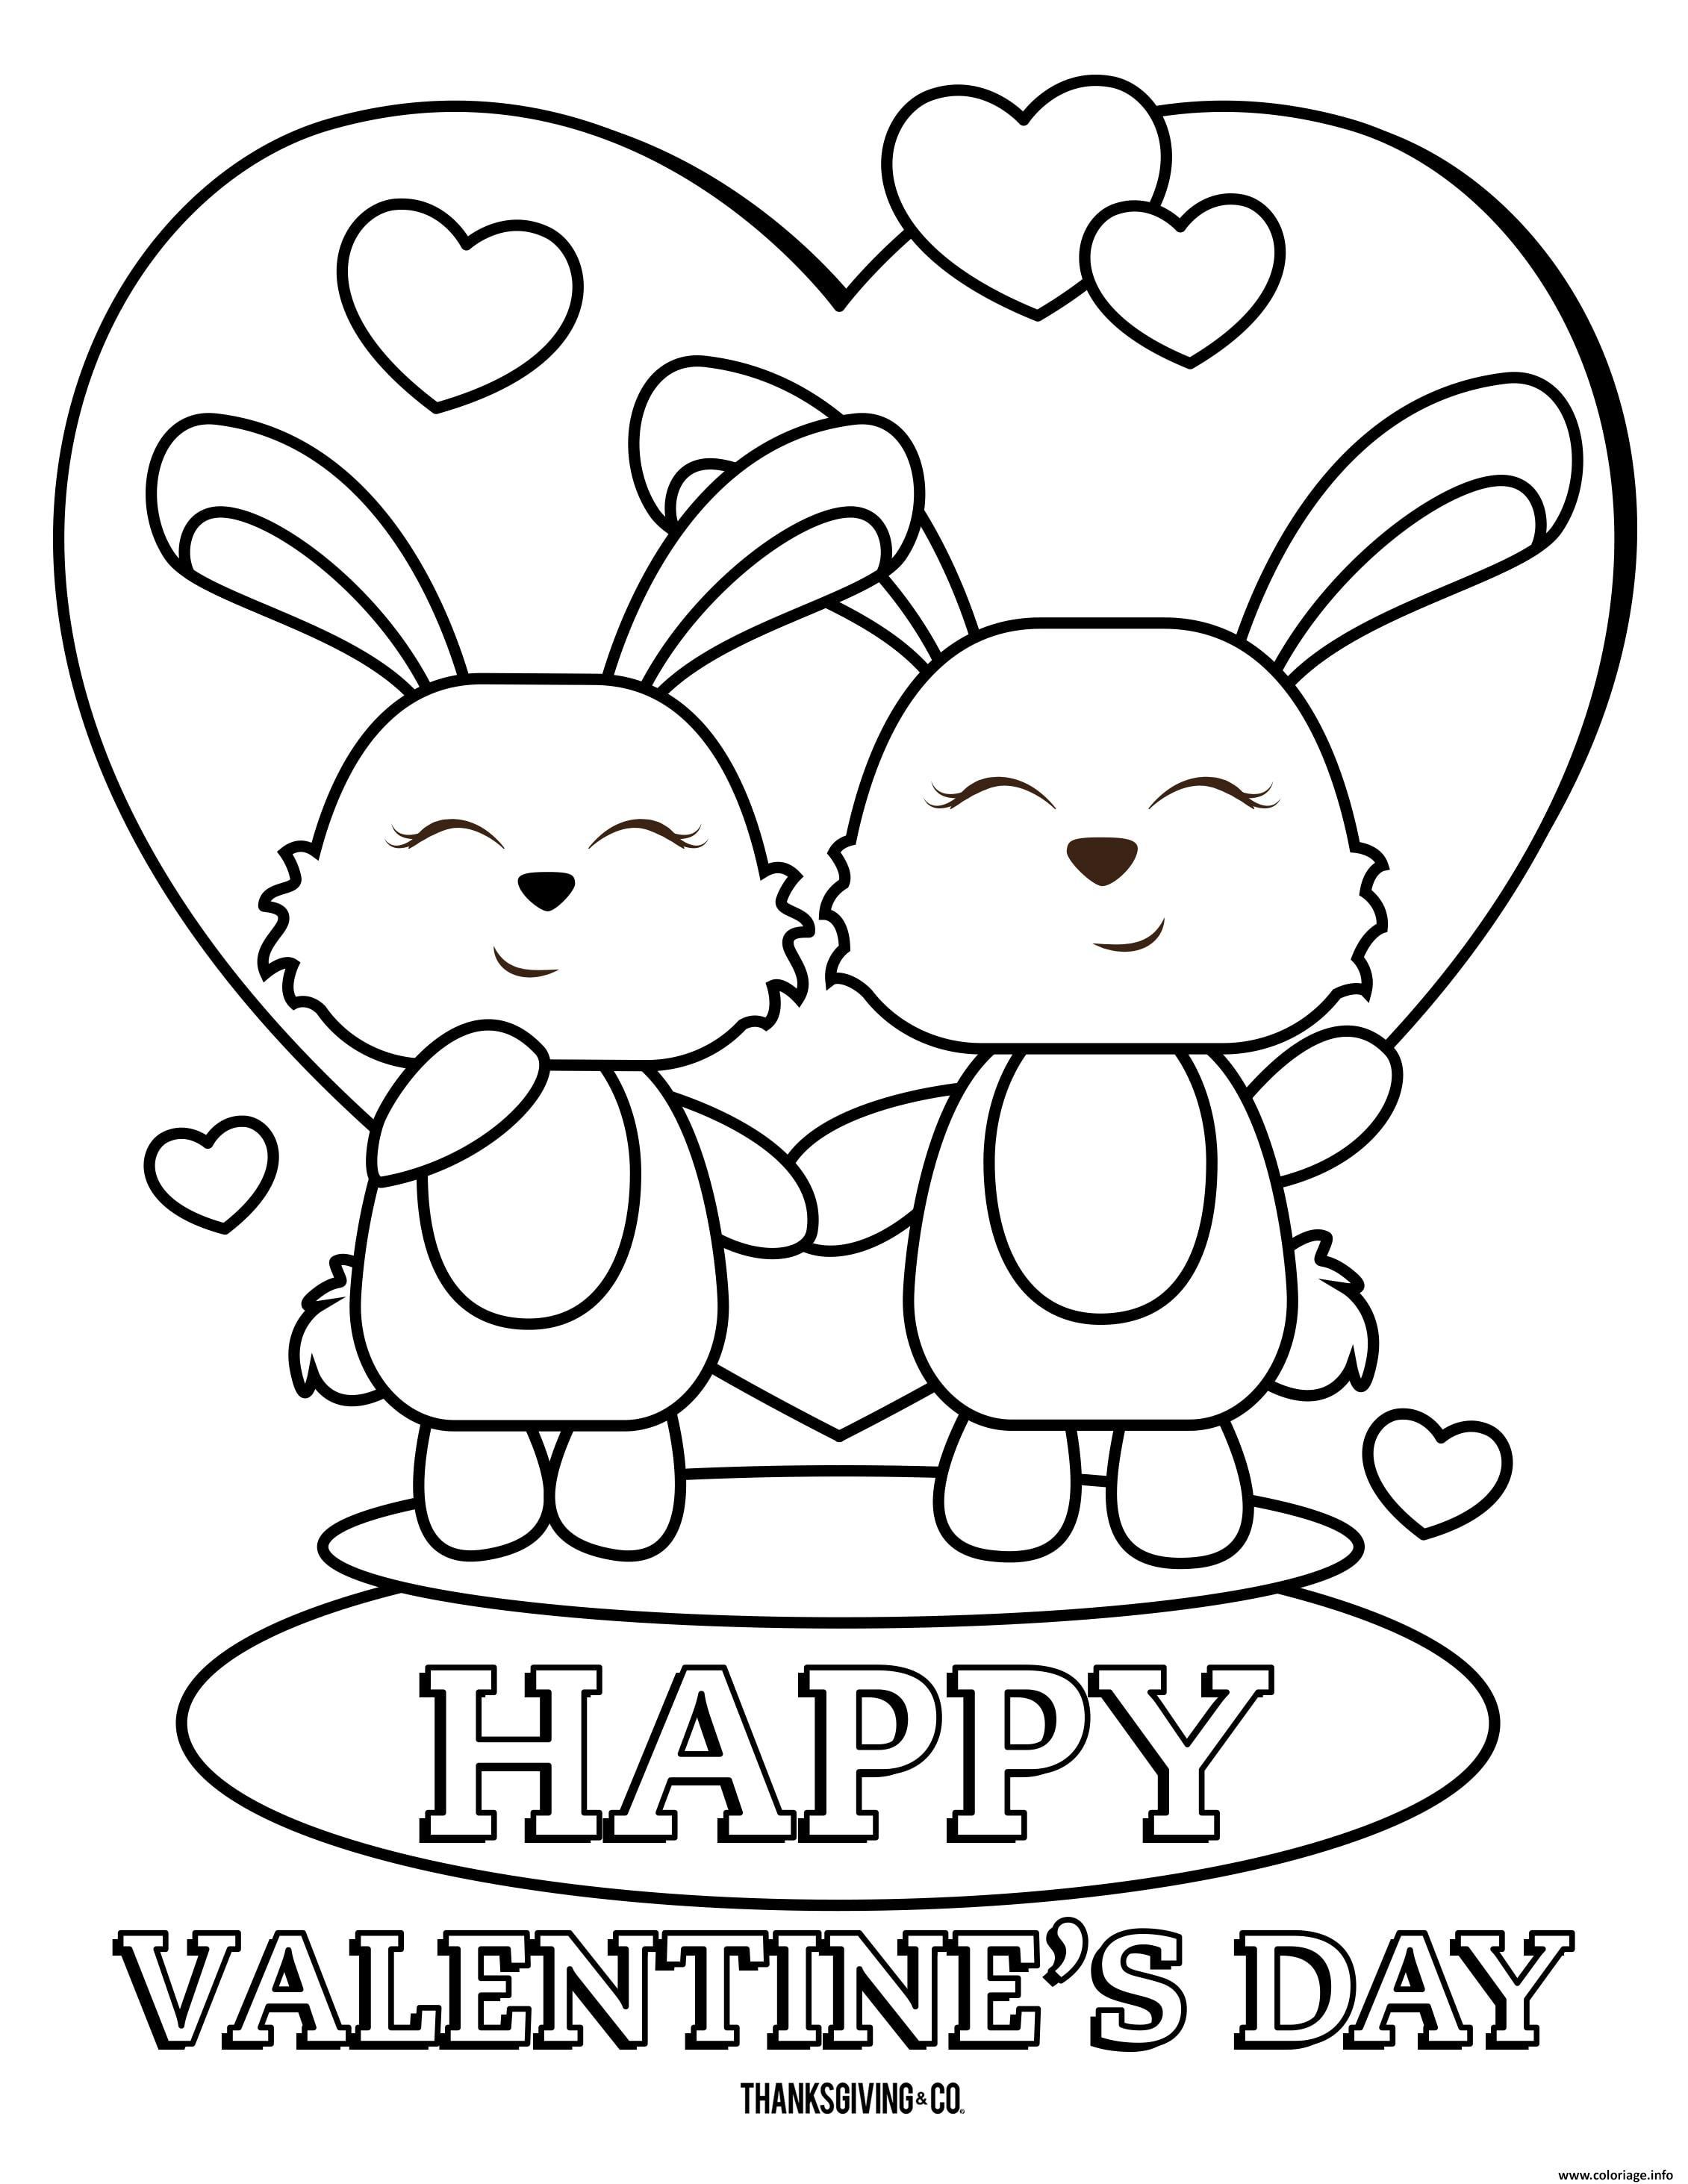 Dessin joyeuse saint valentin deux lapins en amour Coloriage Gratuit à Imprimer